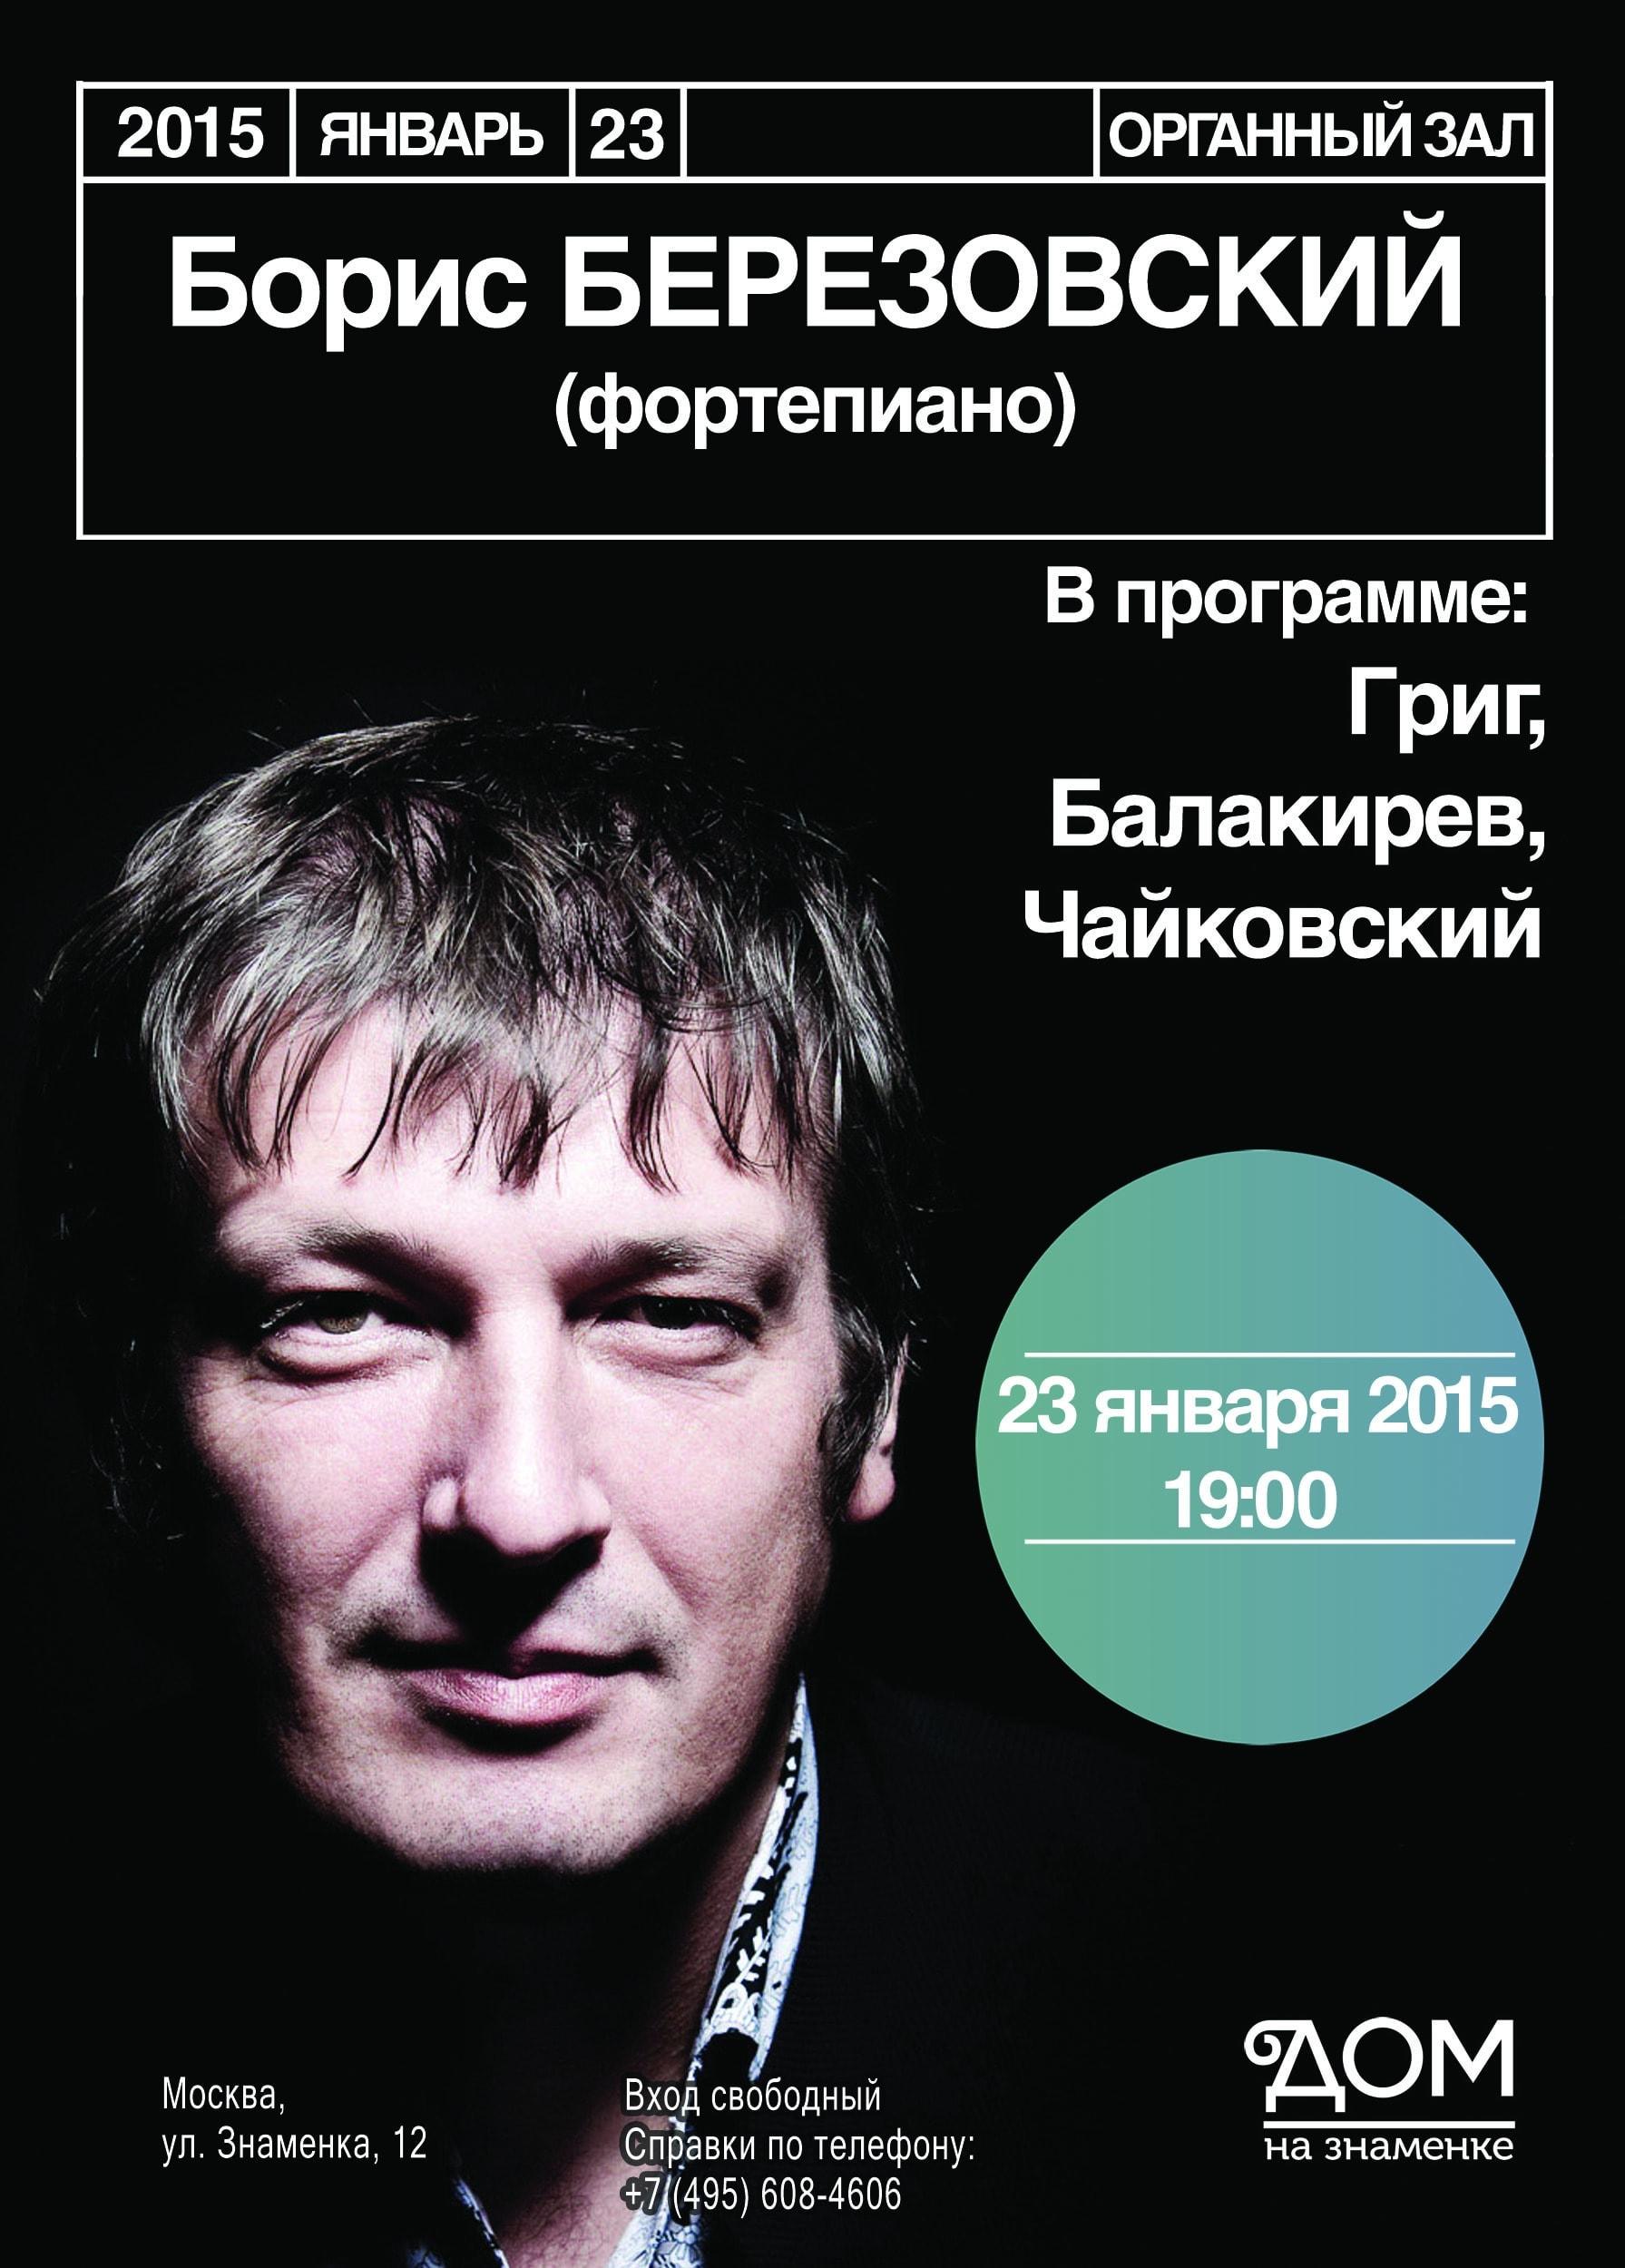 Борис березовский концерт в доме на